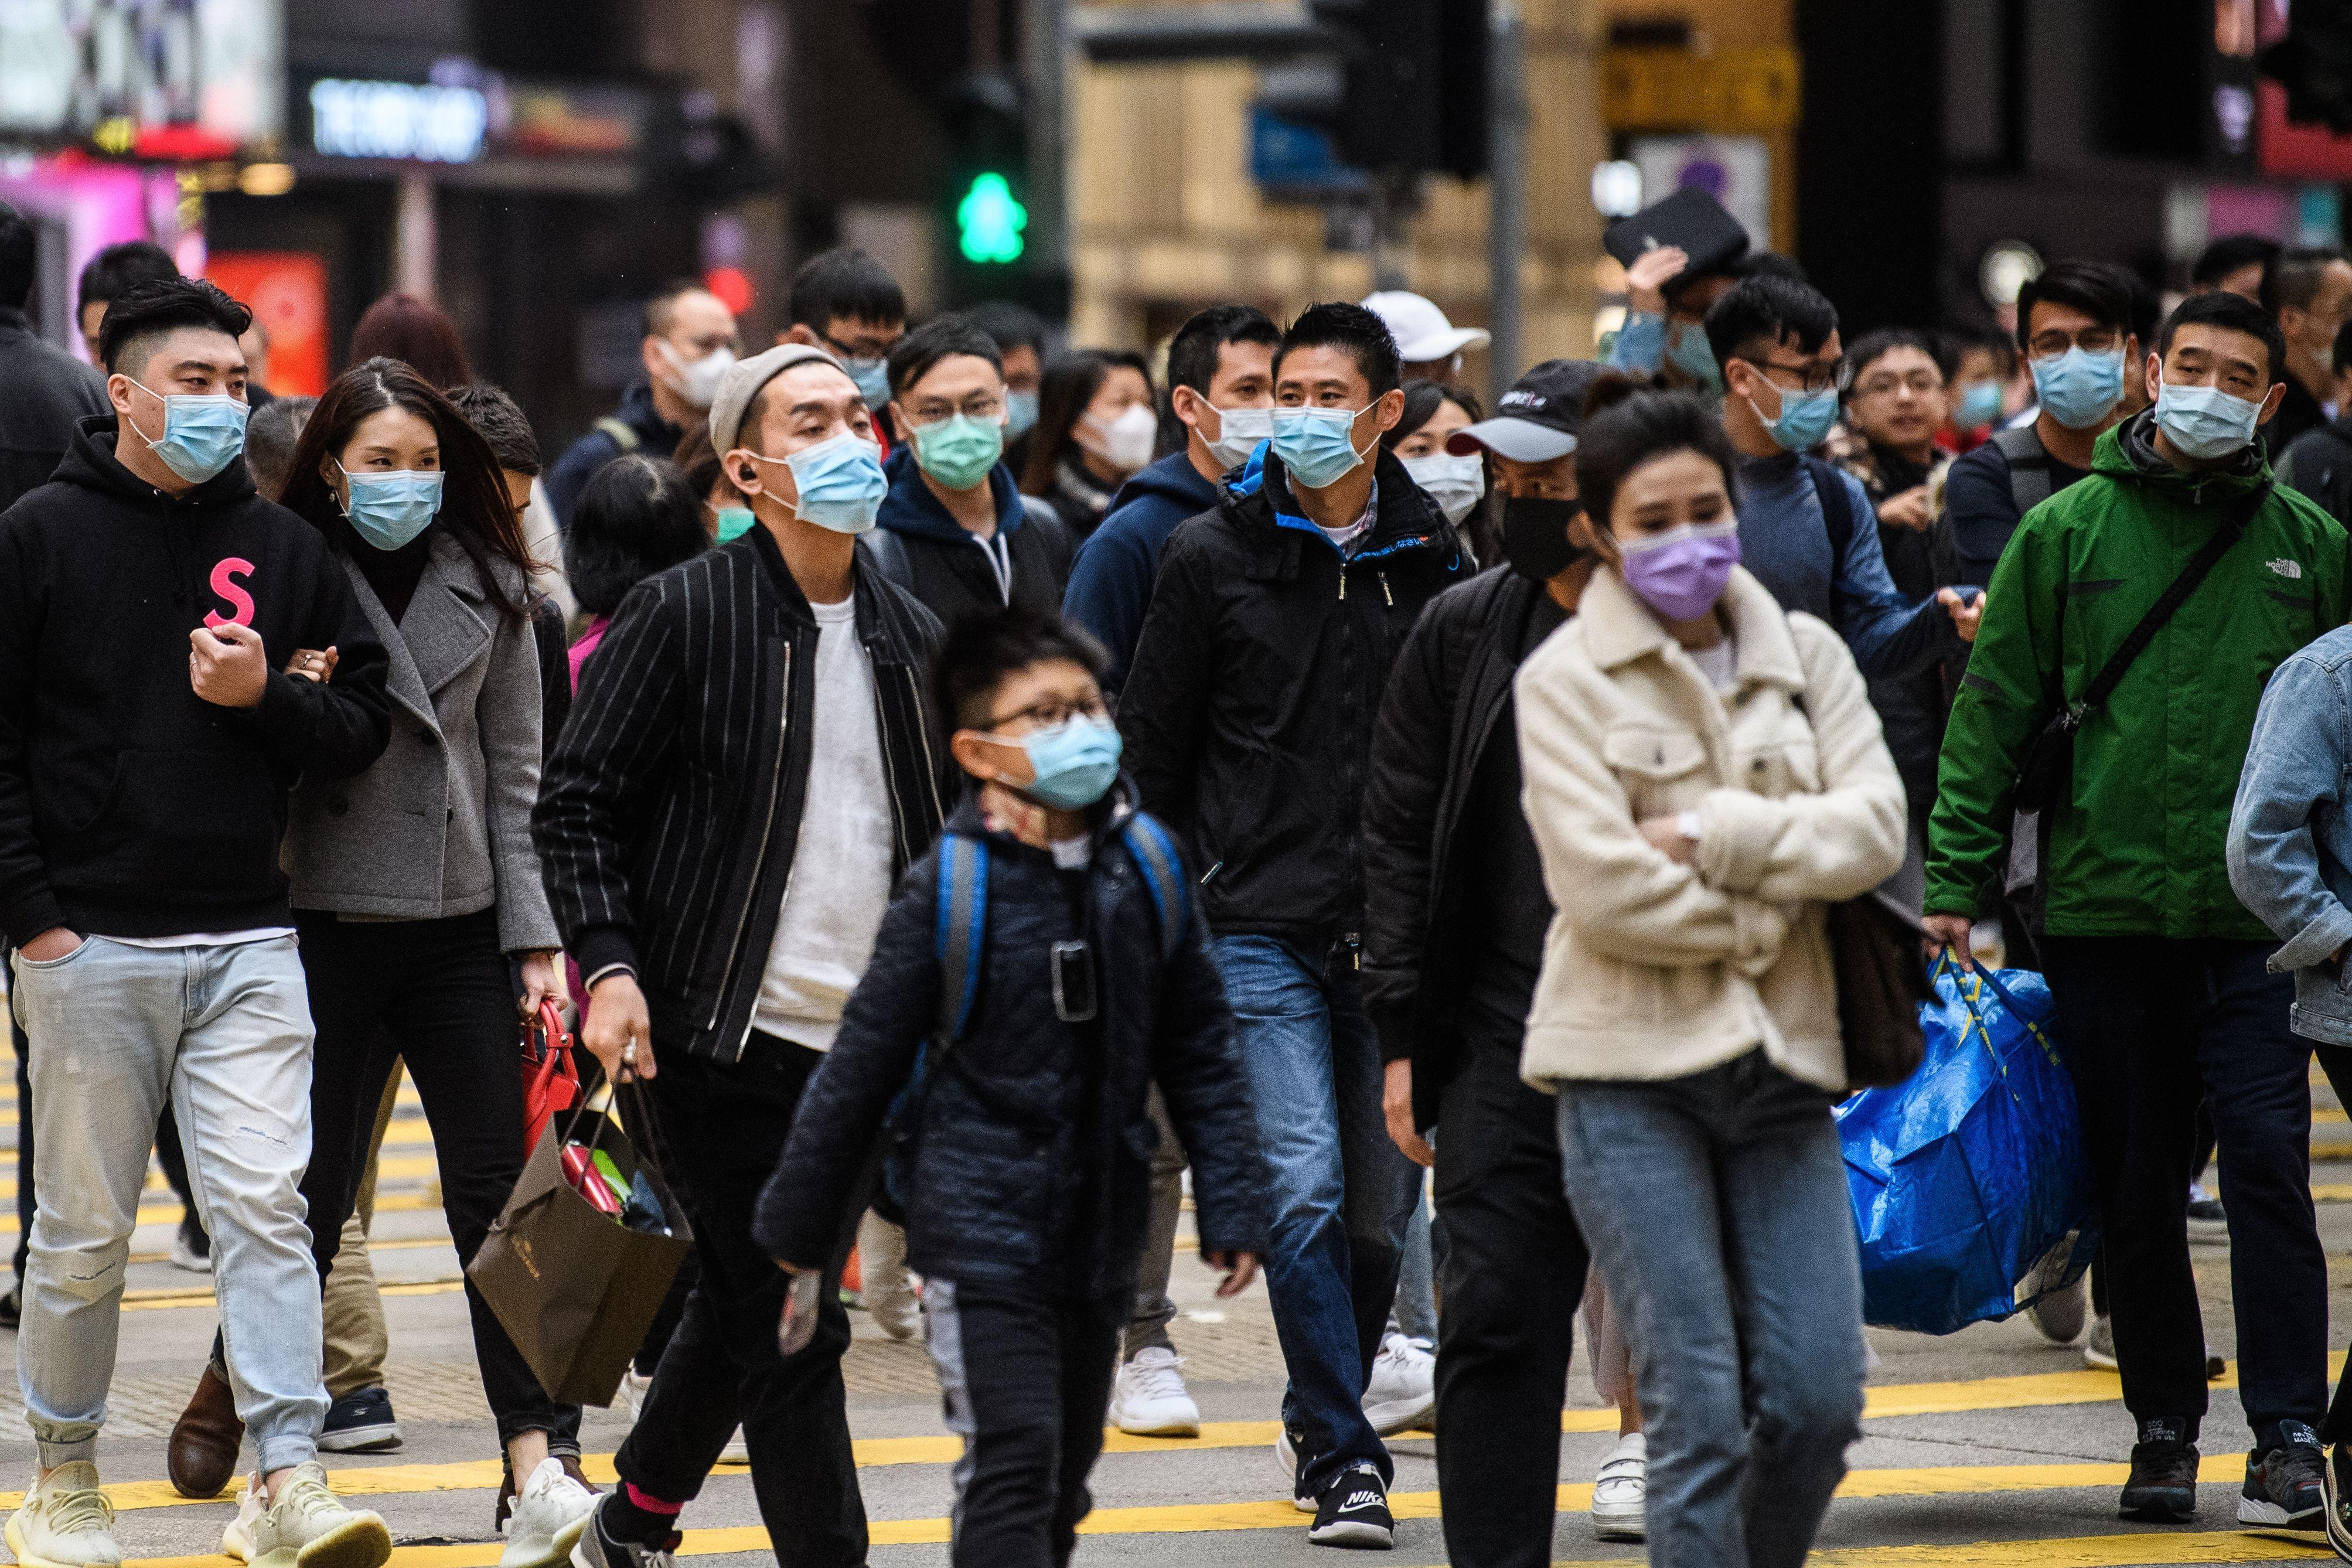 Pandemia del coronavirus empeorará y ya hay 13 millones de infectados